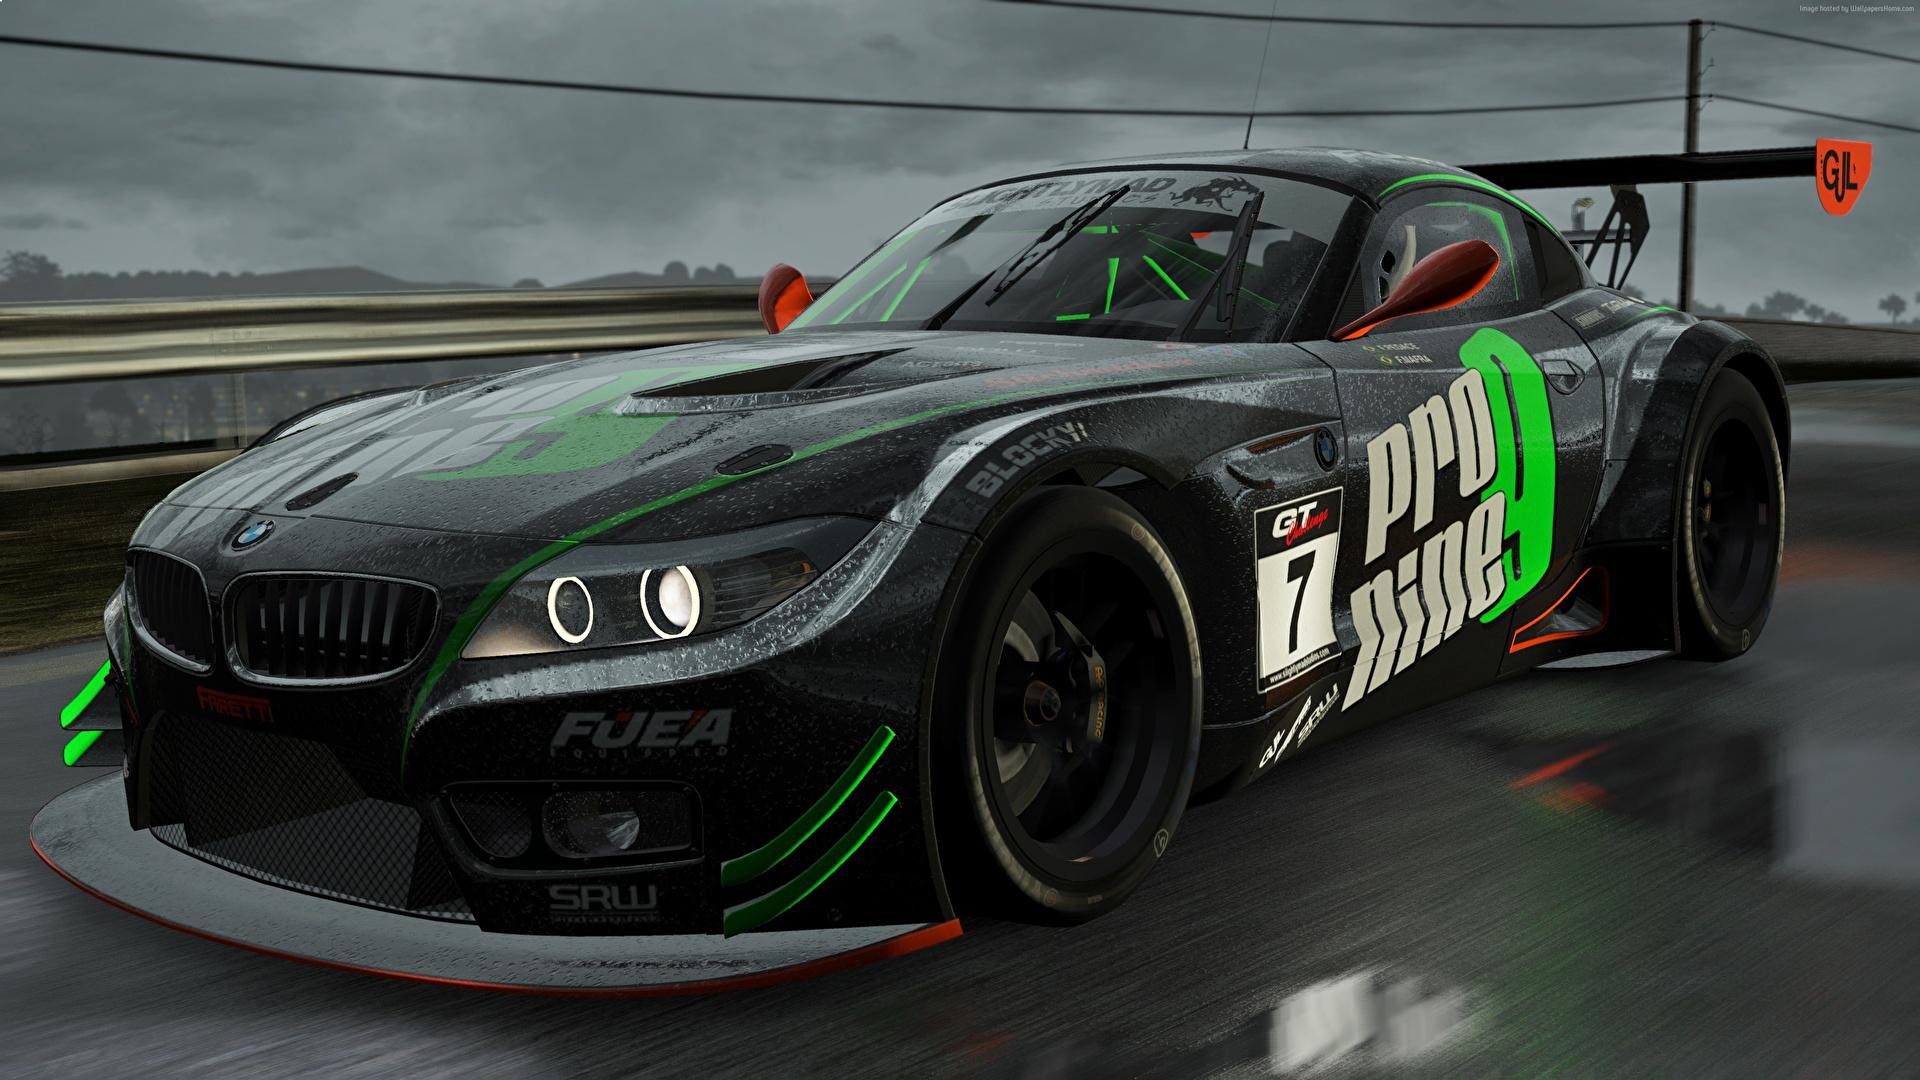 Sfondi del desktop BMW Project CARS Nero Videogiochi macchina 2560x1440 gioco Auto macchine automobile autovettura